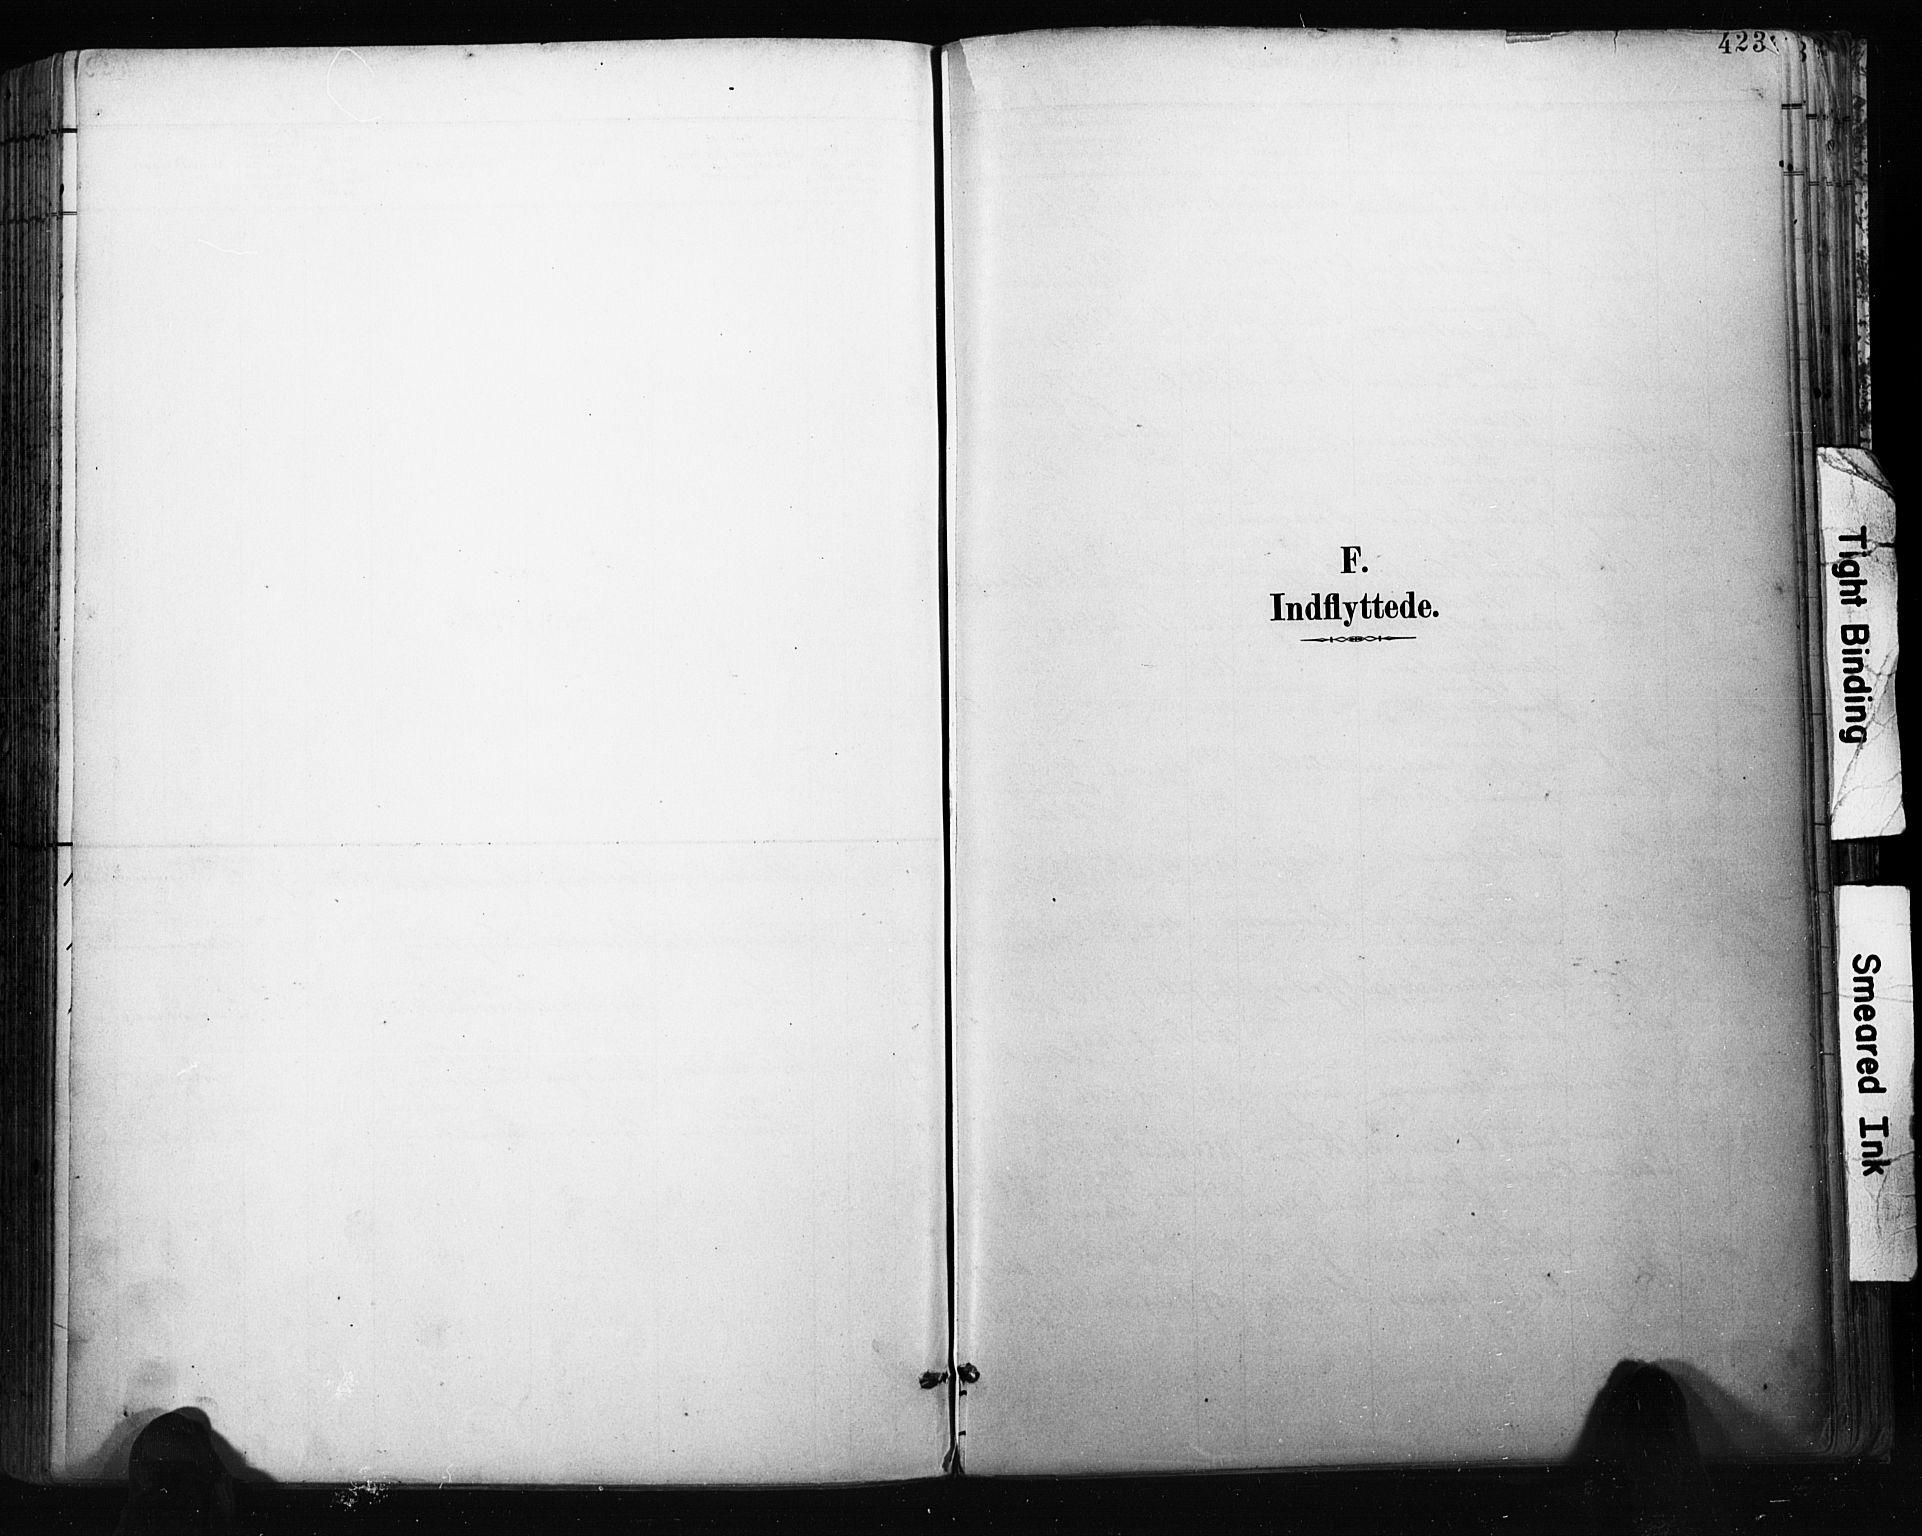 SAKO, Bragernes kirkebøker, F/Fb/L0007: Ministerialbok nr. II 7, 1885-1893, s. 423